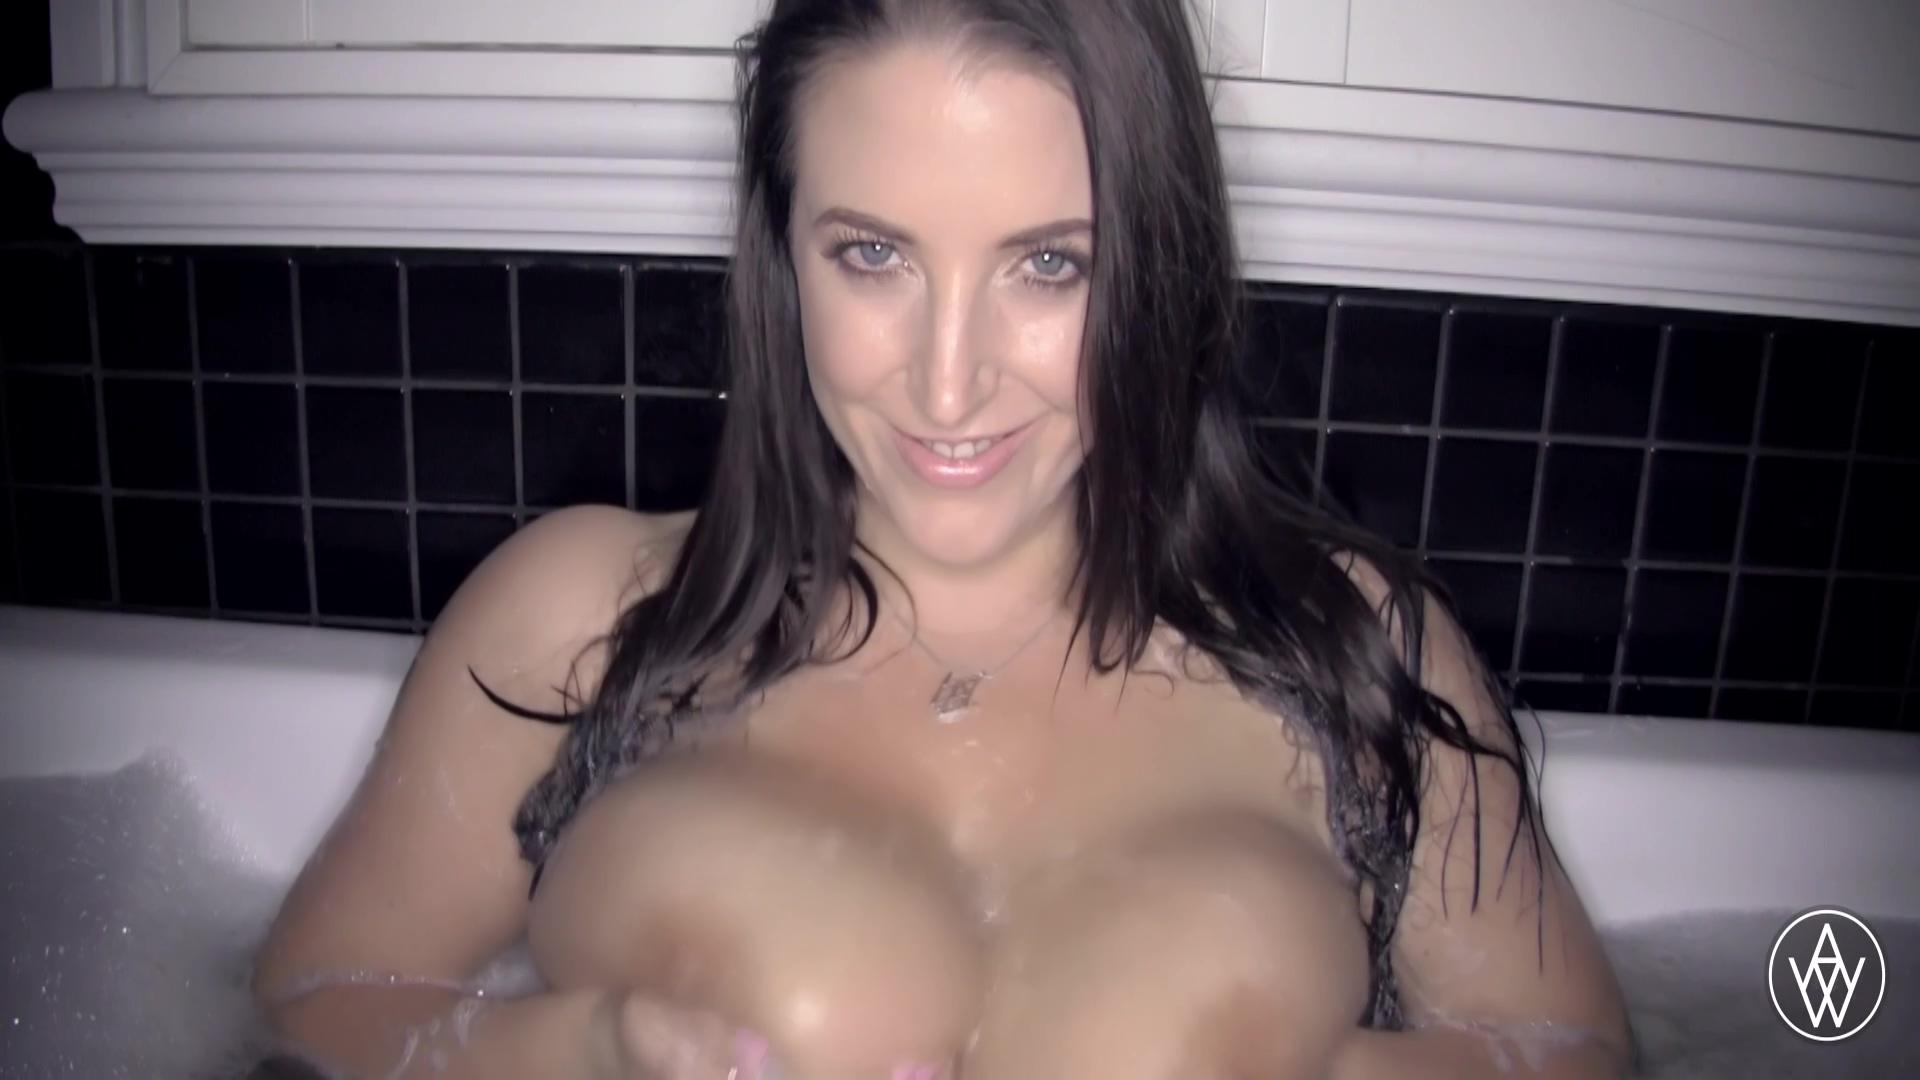 Video 1364704604: angela white, big tits milf pov, brunette milf pov, milf pov hd, pov dick sucking, pov sucking hot